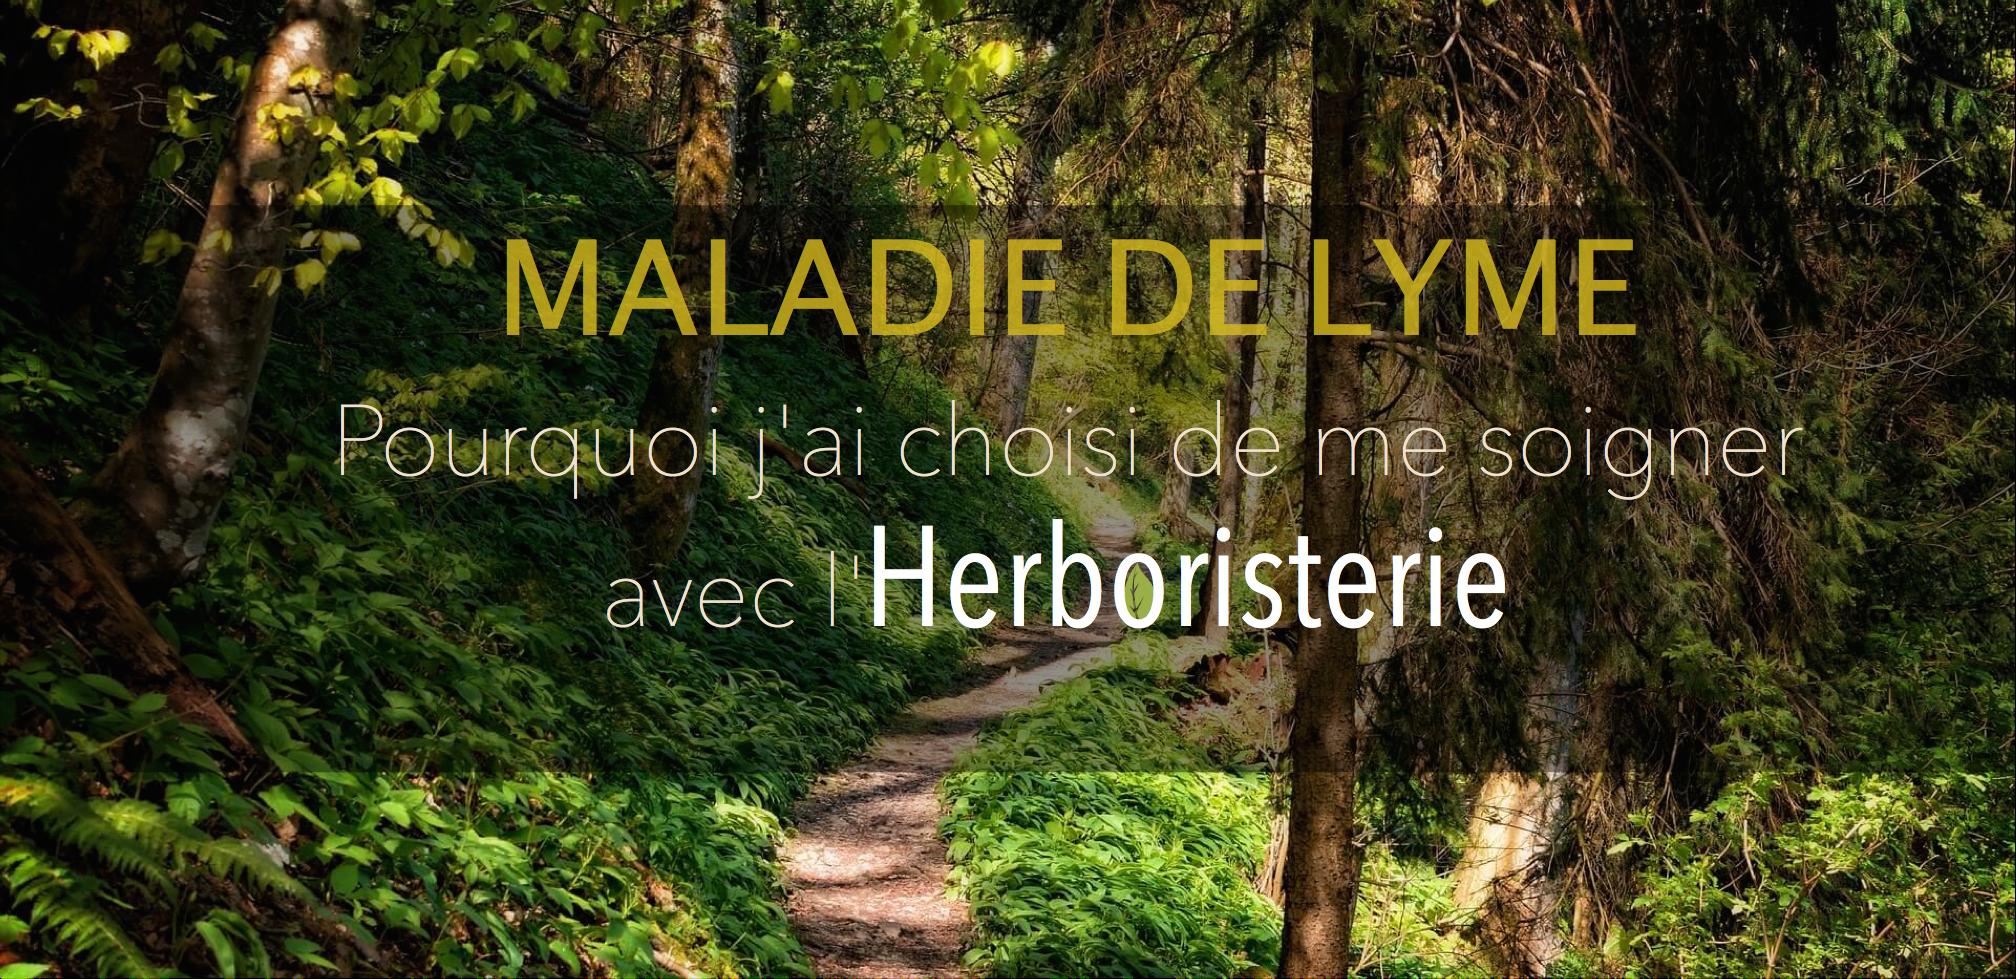 Maladie de Lyme: Pourquoi j'ai choisi de me soigner avec l'herboristerie